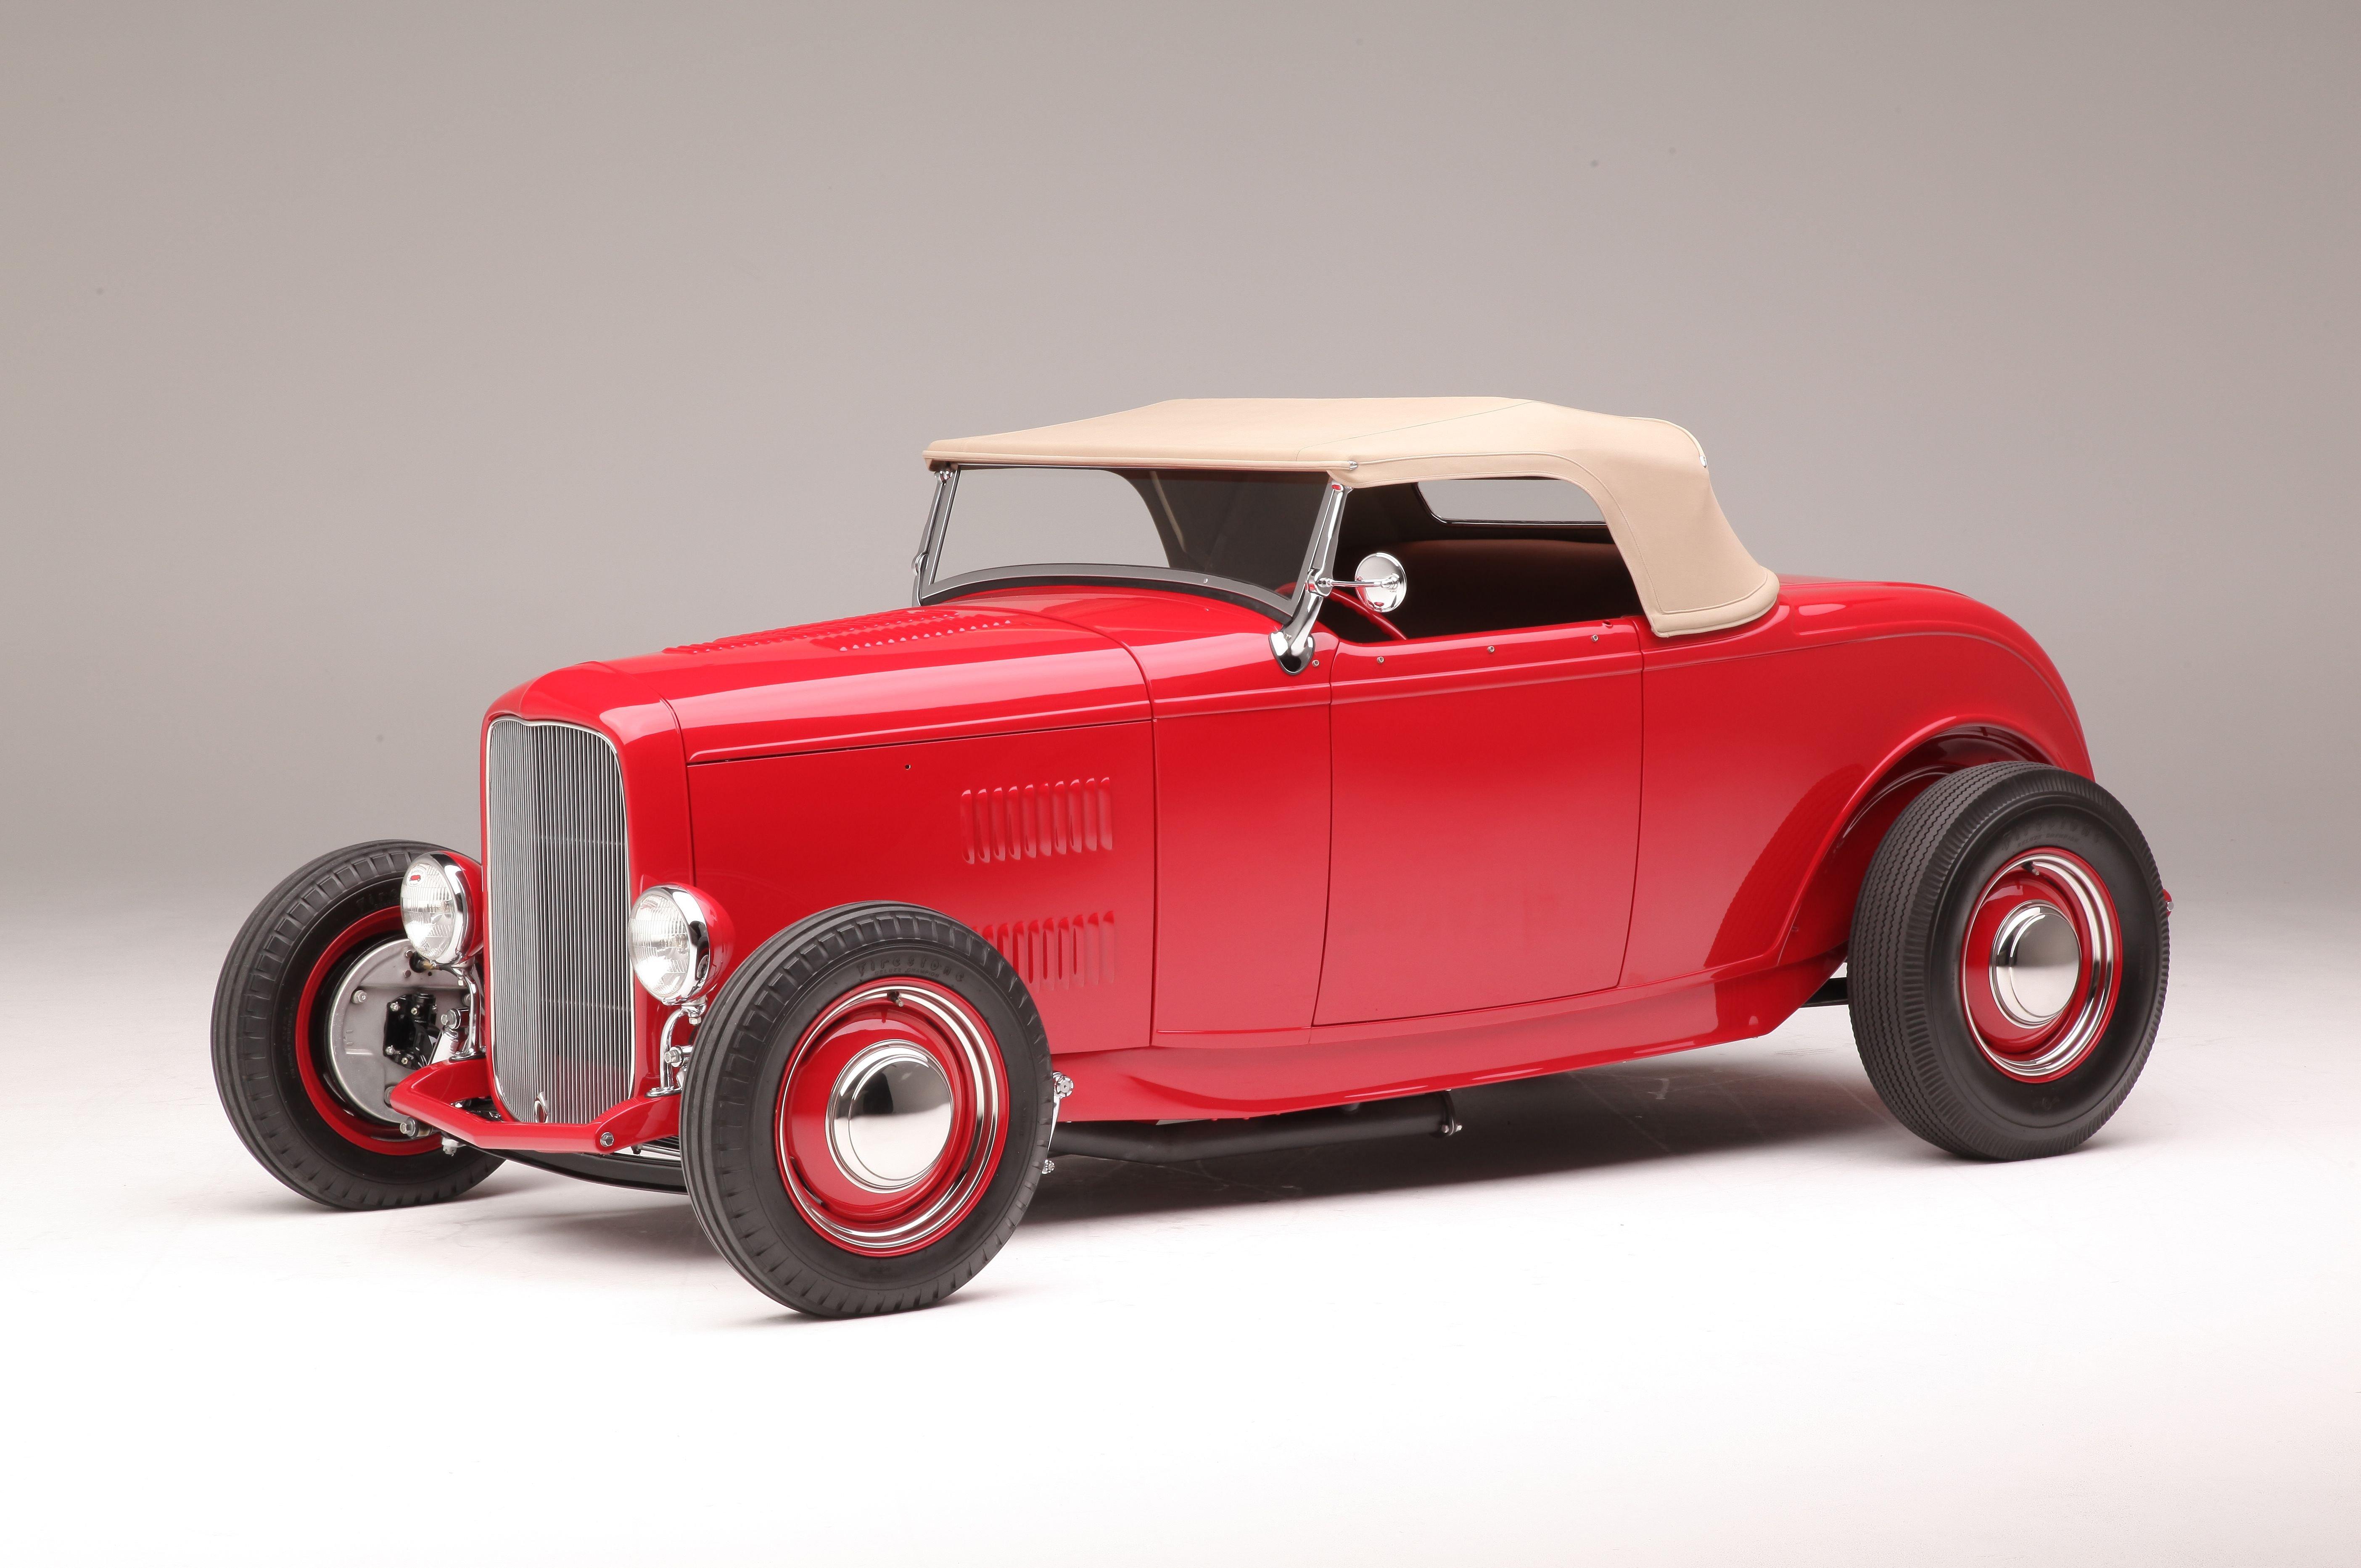 1932 ford highboy roadster hotrod hot rod custom old. Black Bedroom Furniture Sets. Home Design Ideas